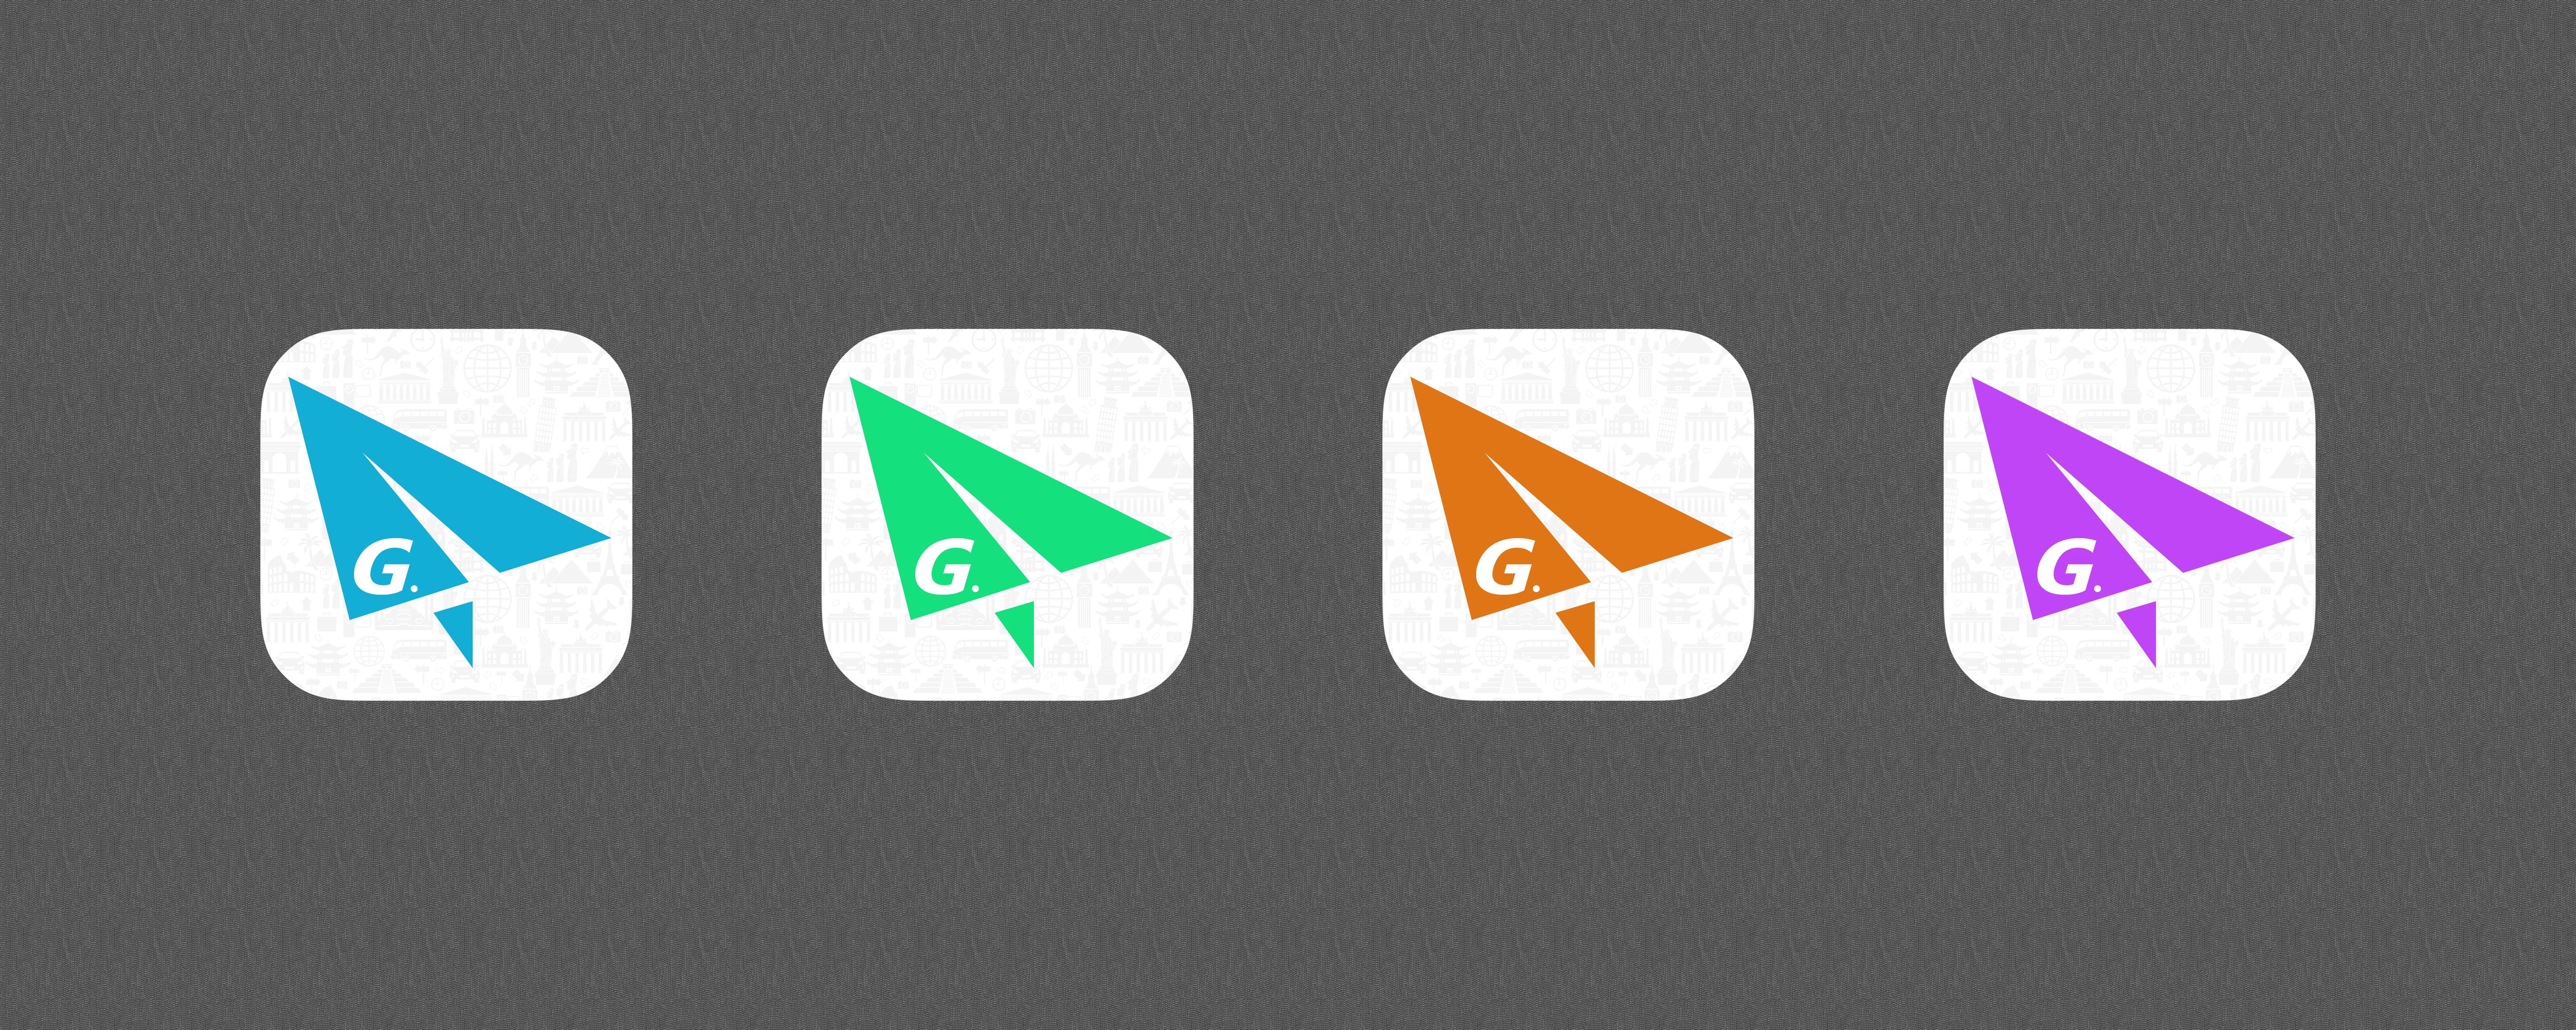 纸飞机icon|ui|图标|歆动卟变 - 原创作品 - 站酷